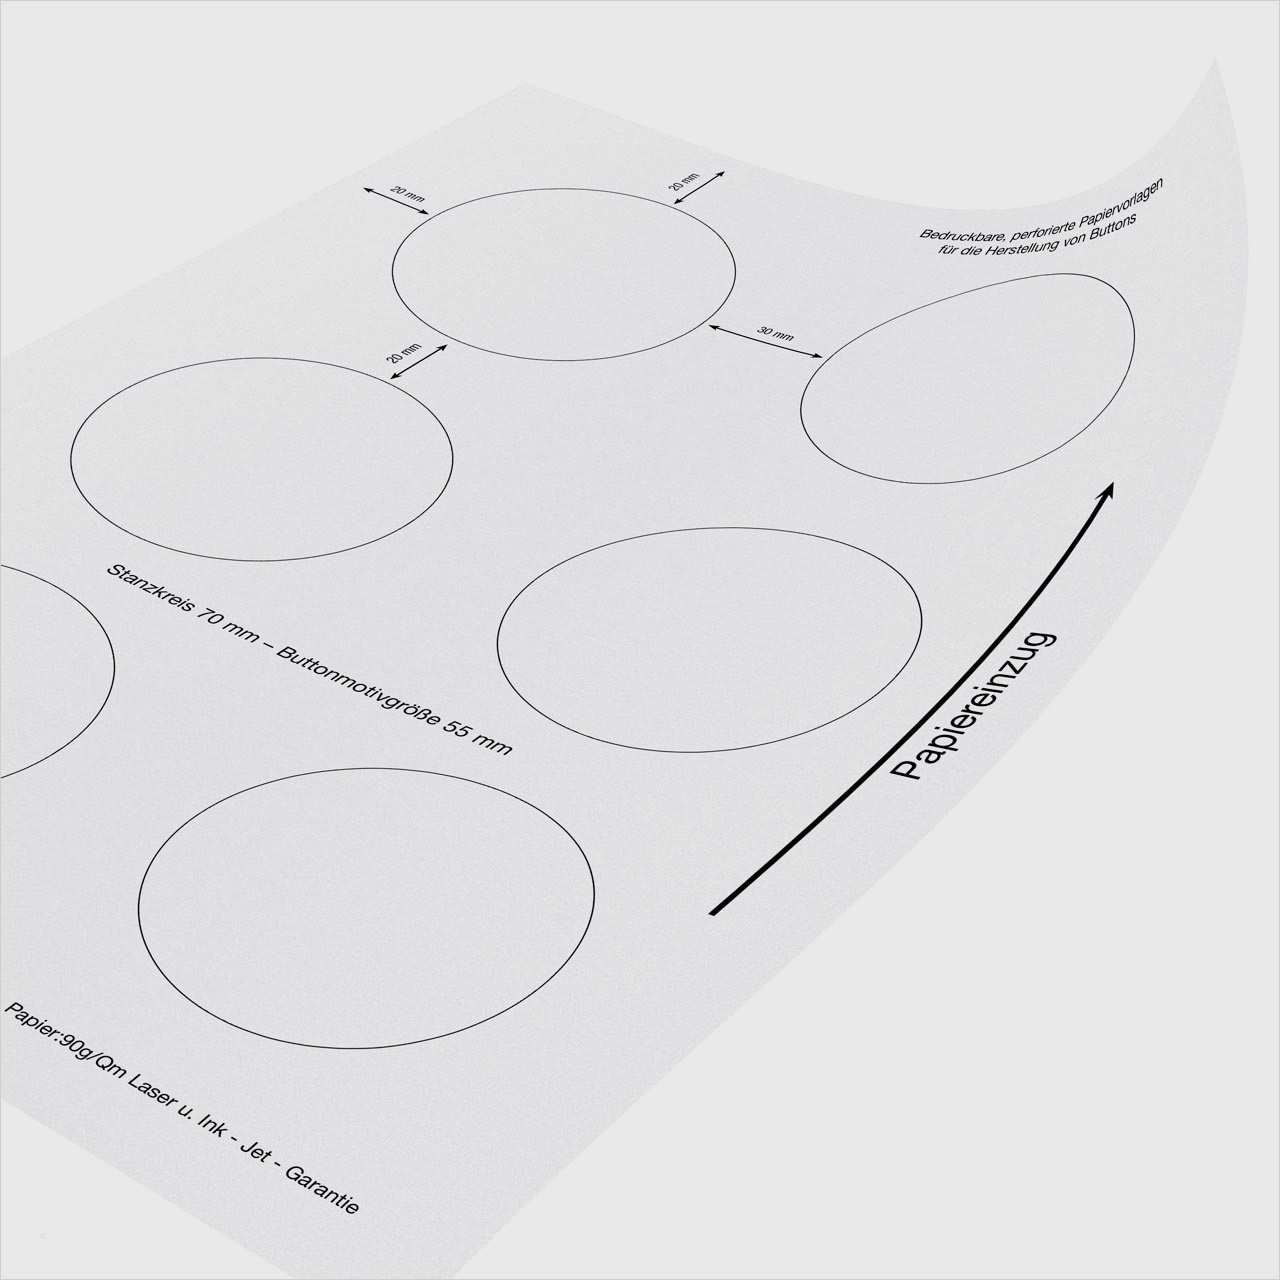 Gut Badgematic Button Vorlage Sie Können Einstellen In mit Buttons Vorlagen